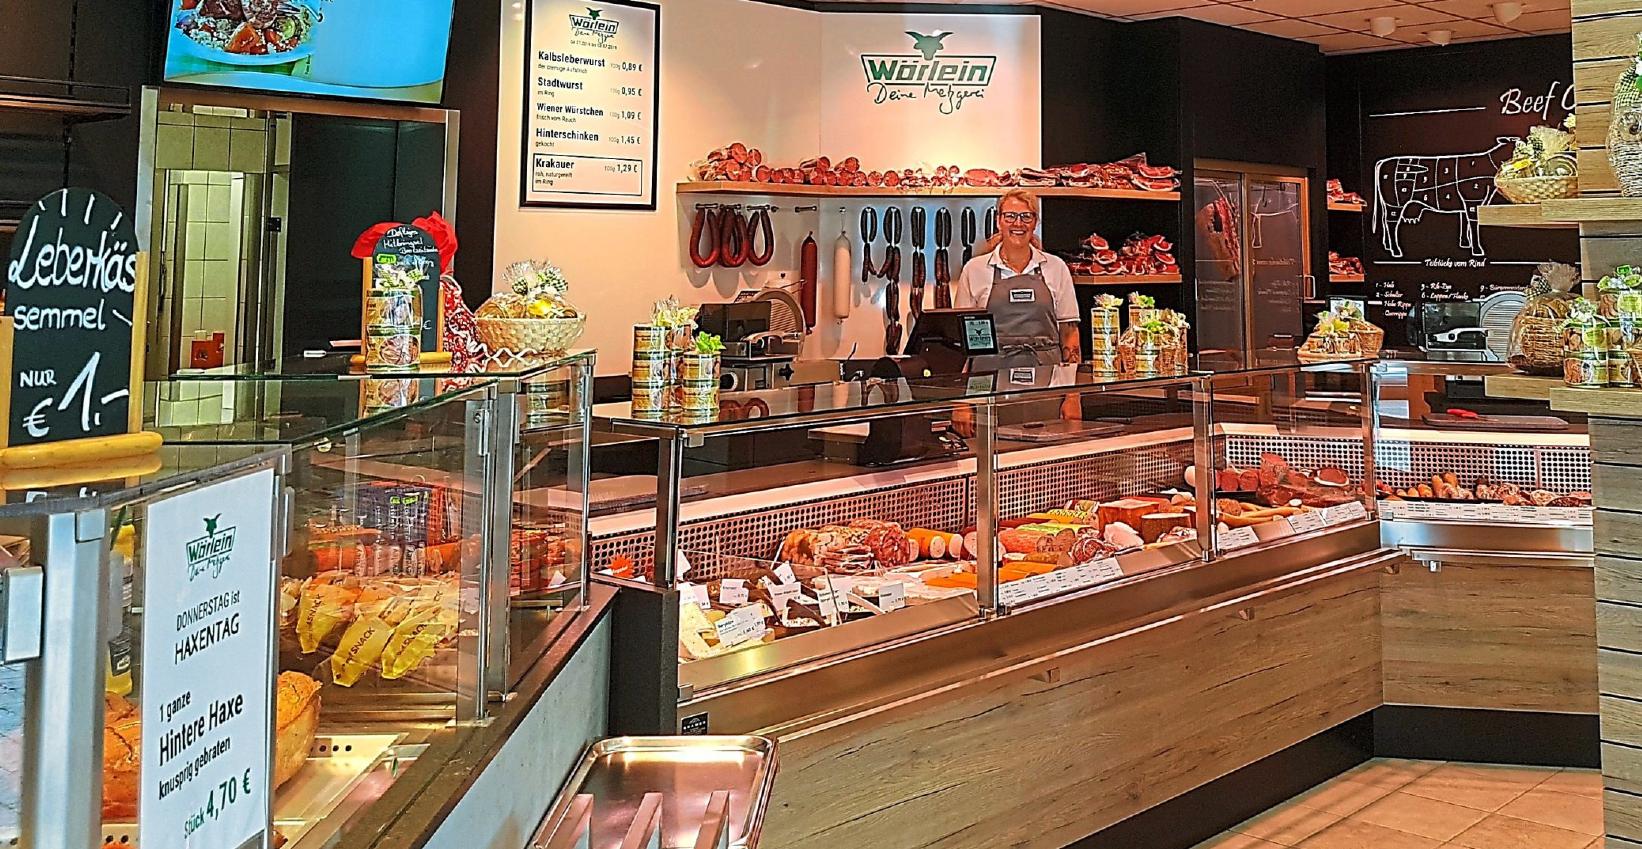 Alles neu: Nach einem Umbau begrüßt die Metzgerei Wörlein ihre Kunden in der Weißenburger Straße in Eichstätt in neuen Räumlichkeiten. Das schmackhafte Mittagessen oder eine Brotzeit können die Kunden im geräumigen Sitzbereich genießen oder auch mitnehmen. Fotos: Bauer